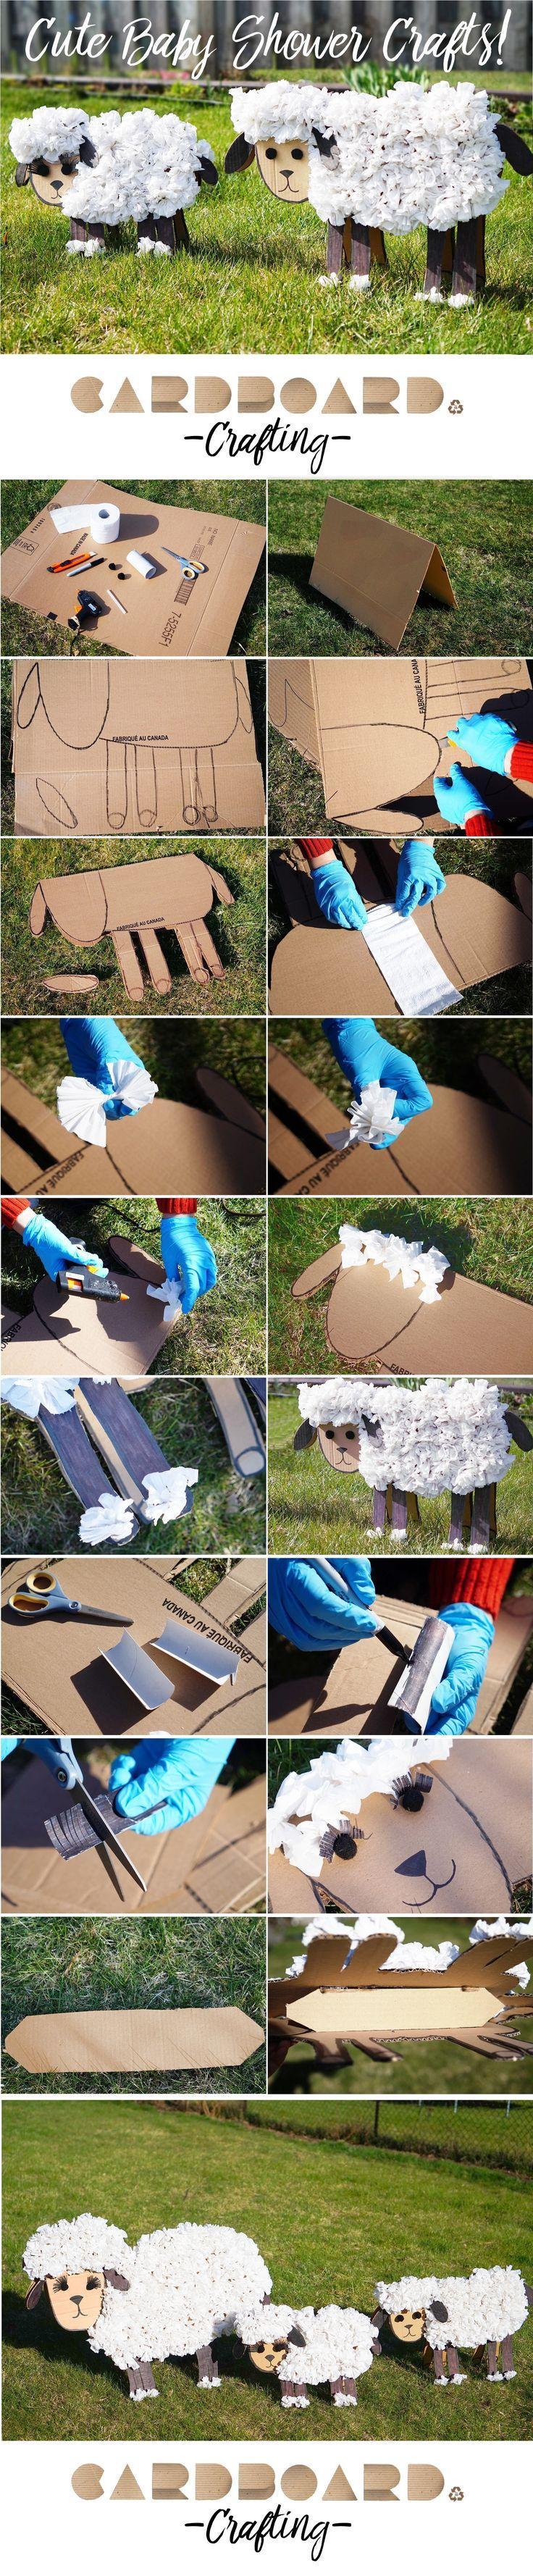 Sheepy piñata